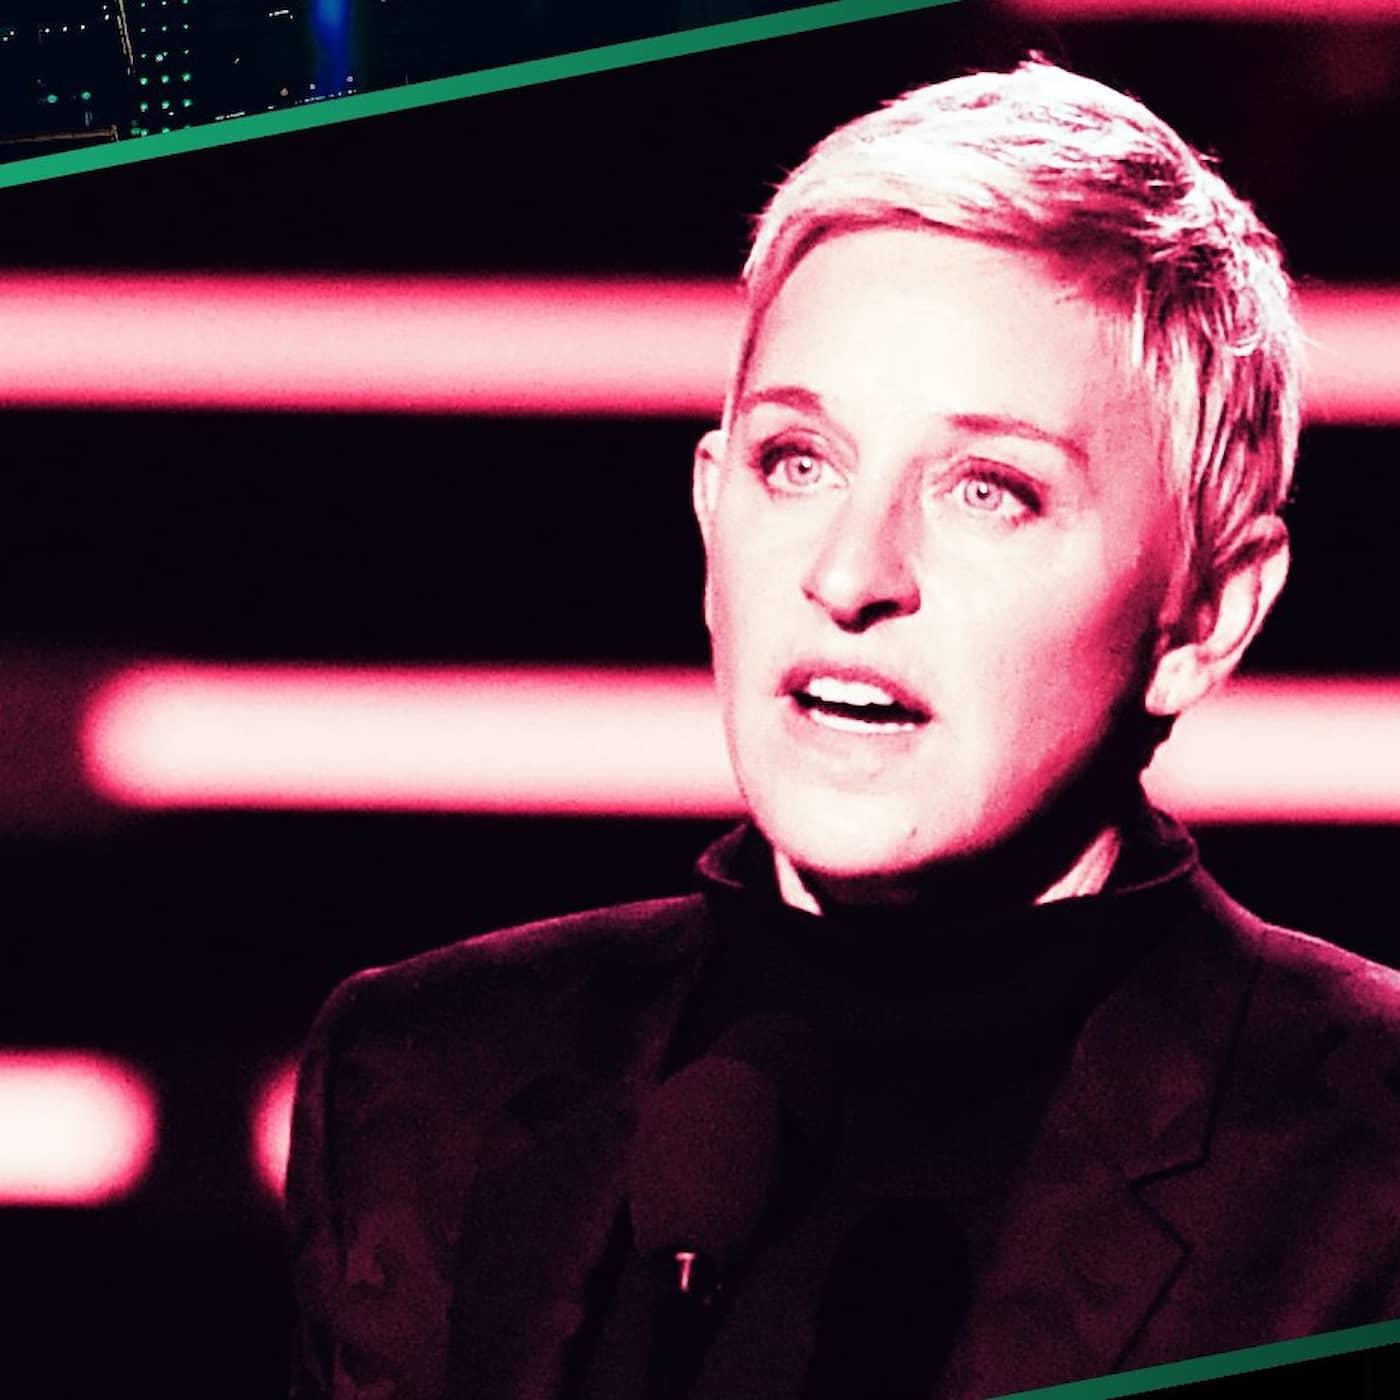 Ellen DeGeneres – Hatad, älskad och hatad igen